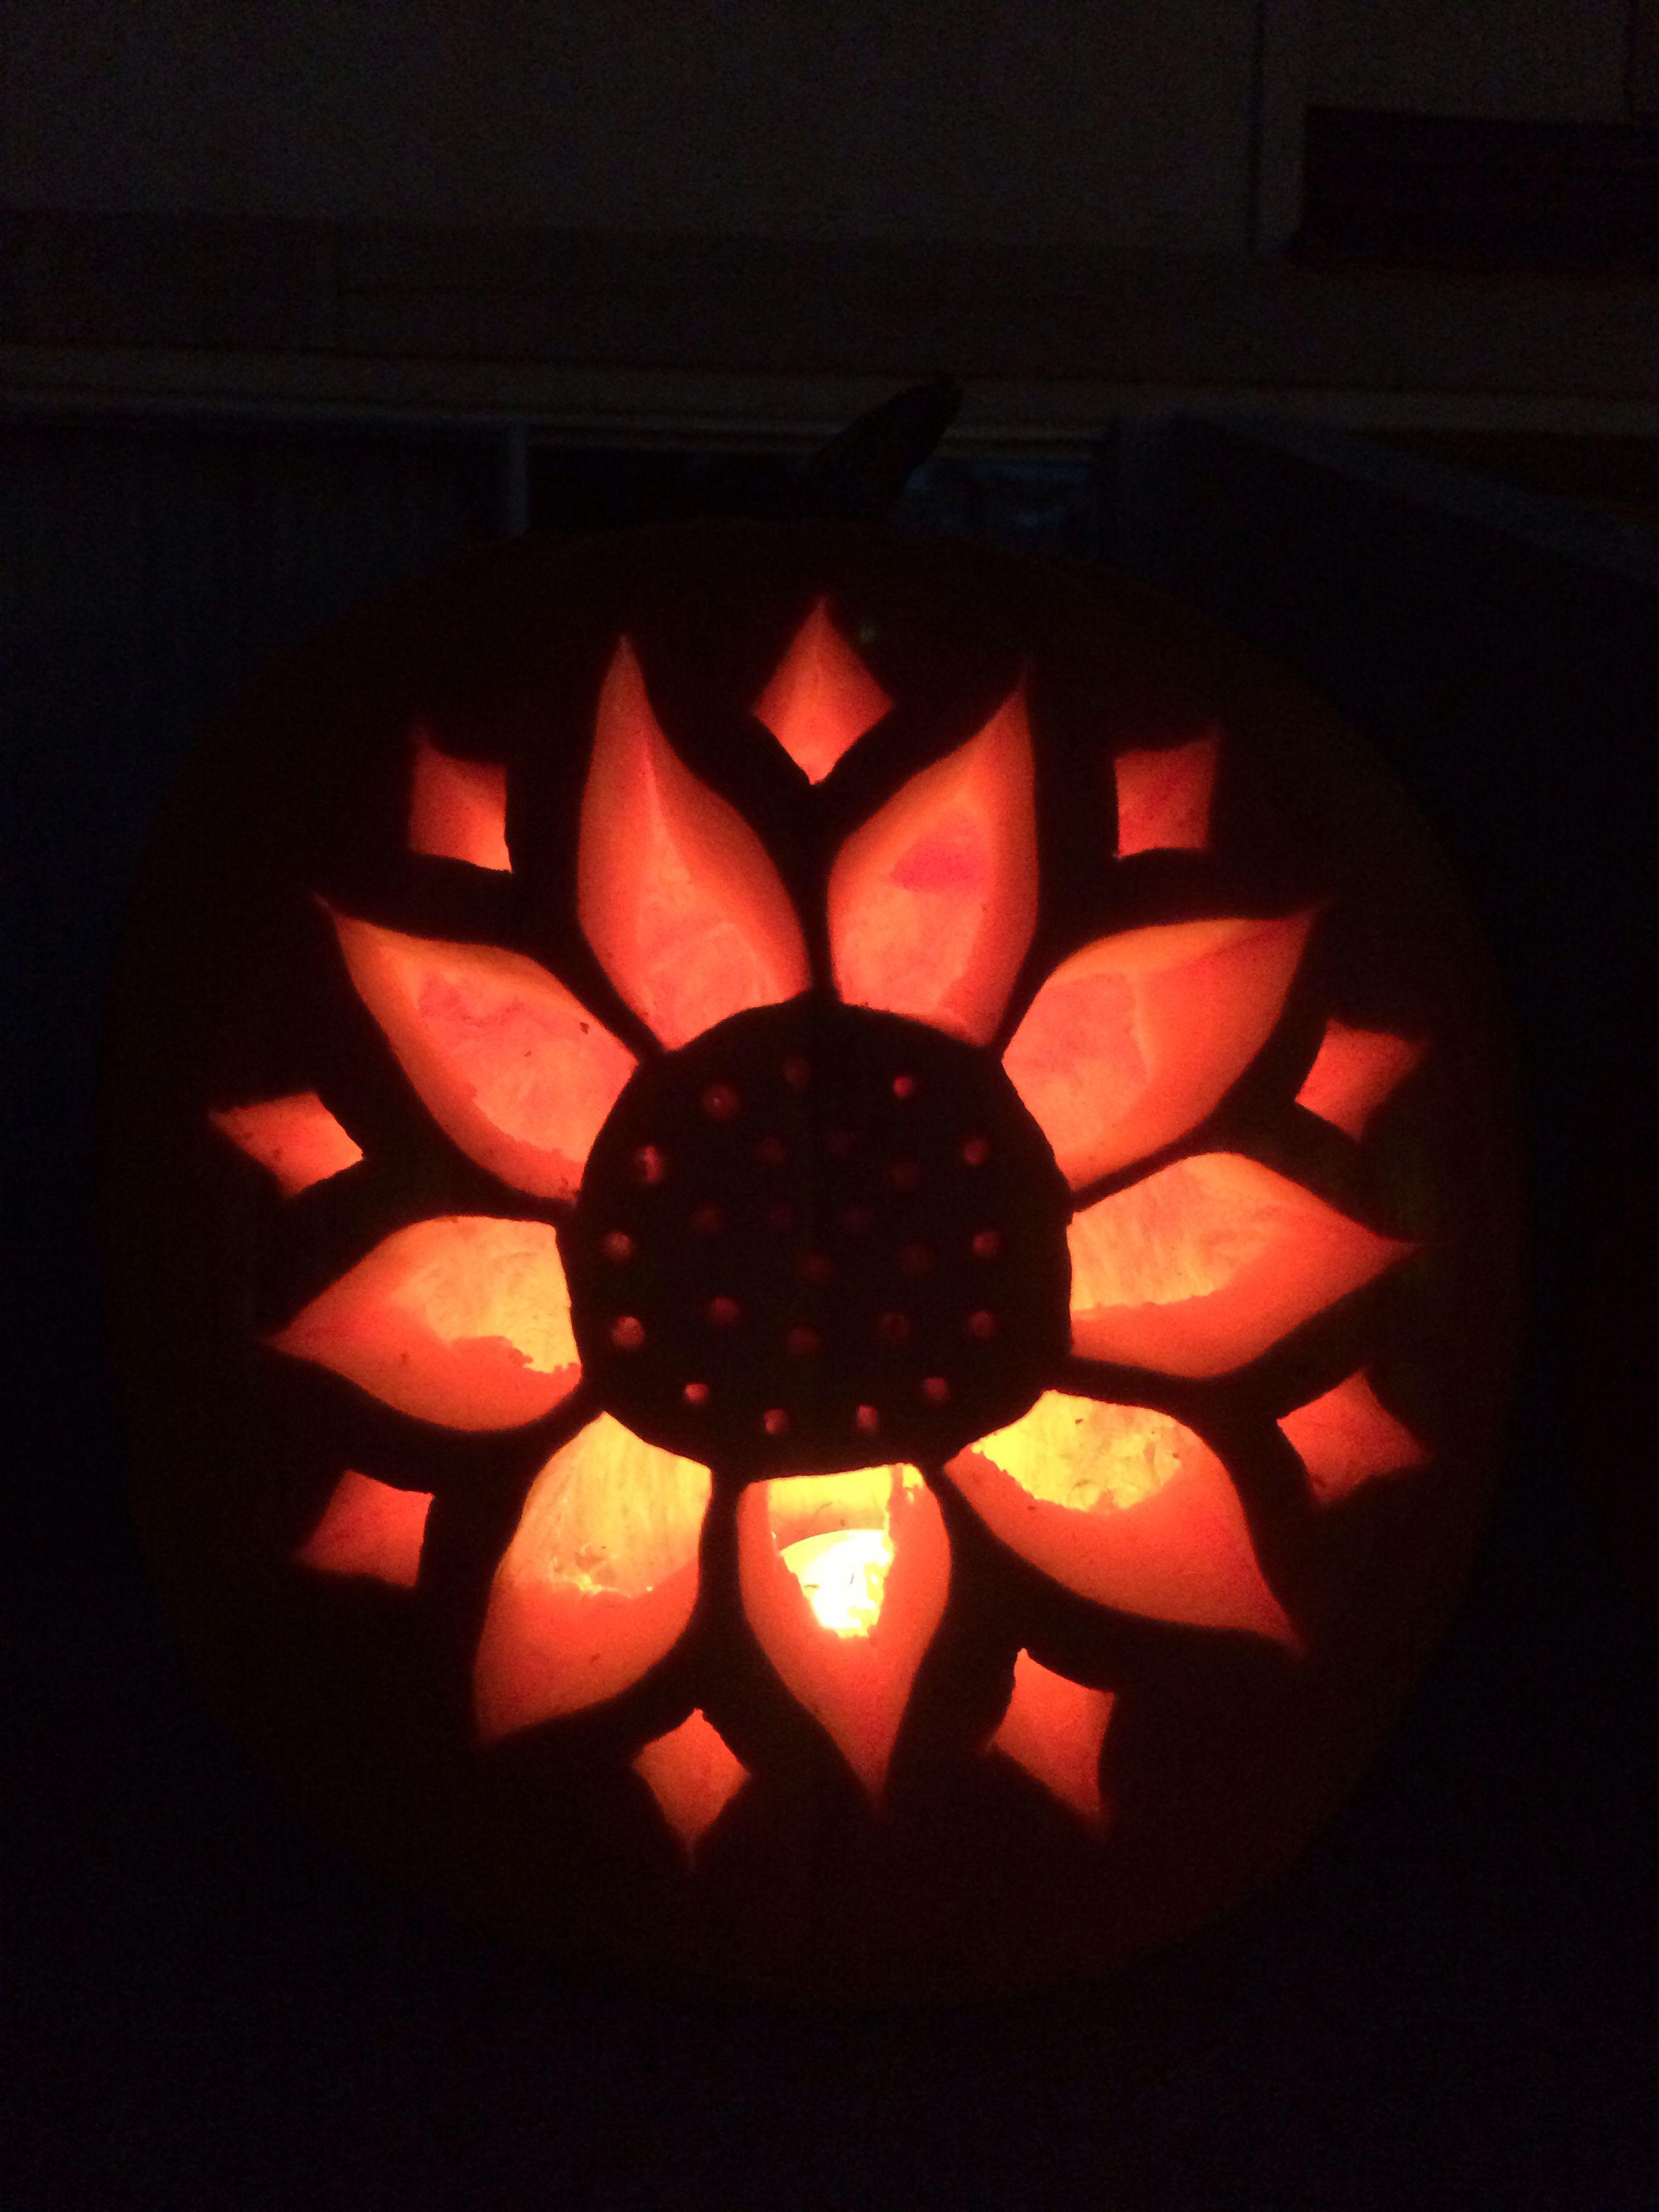 pumpkin template flower  Sunflower pumpkin carving | Pumpkin carving, Halloween ...